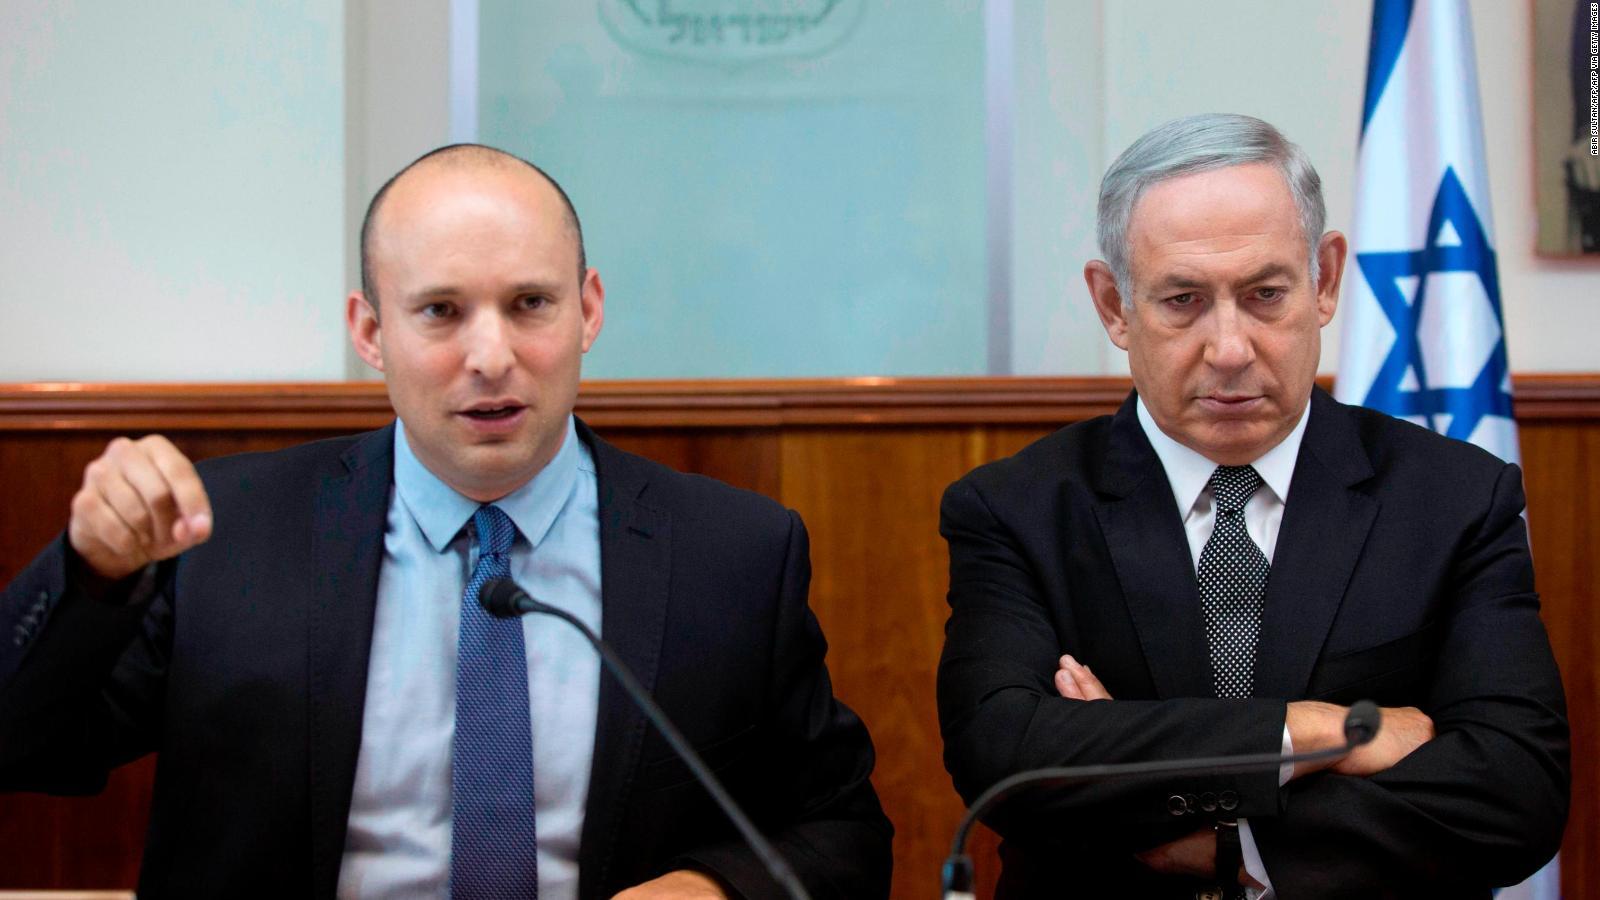 Noul premier al Israelului a fost în trupele de comando, e ortodox modern și a încasat 275 milioane $ din vânzarea a două firme